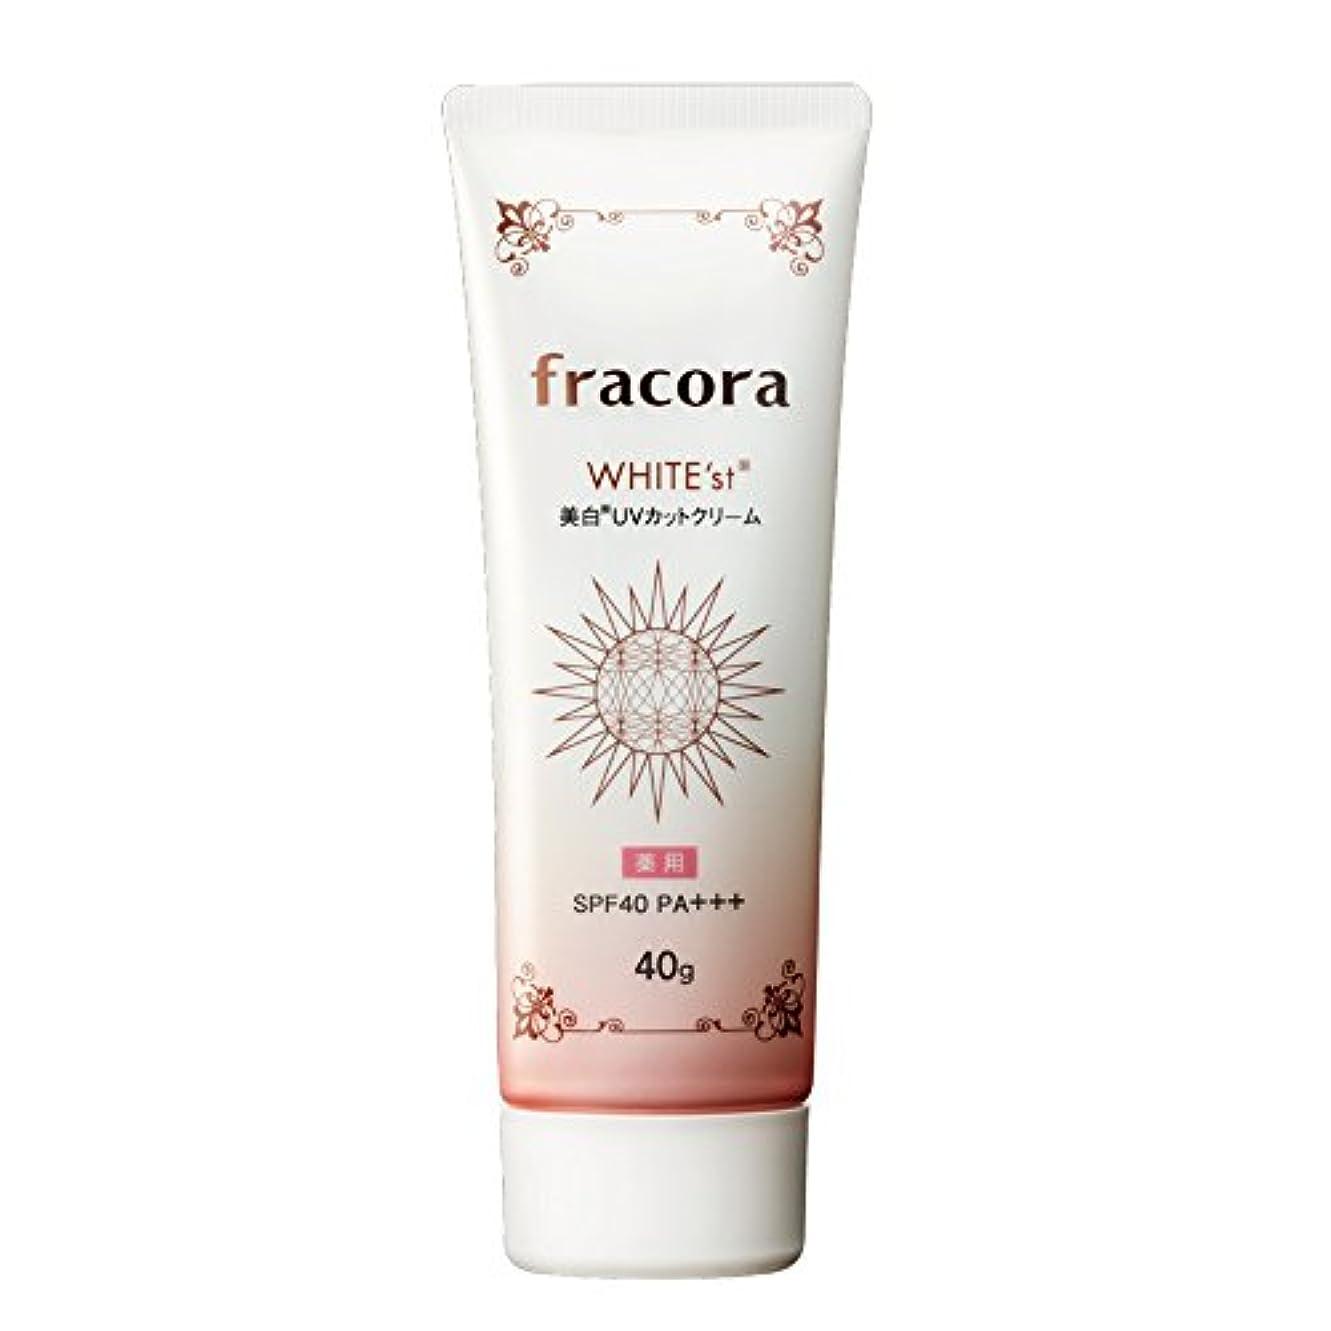 ベジタリアン口頭圧縮fracora(フラコラ) ホワイテスト 美白UVカットクリーム 40g